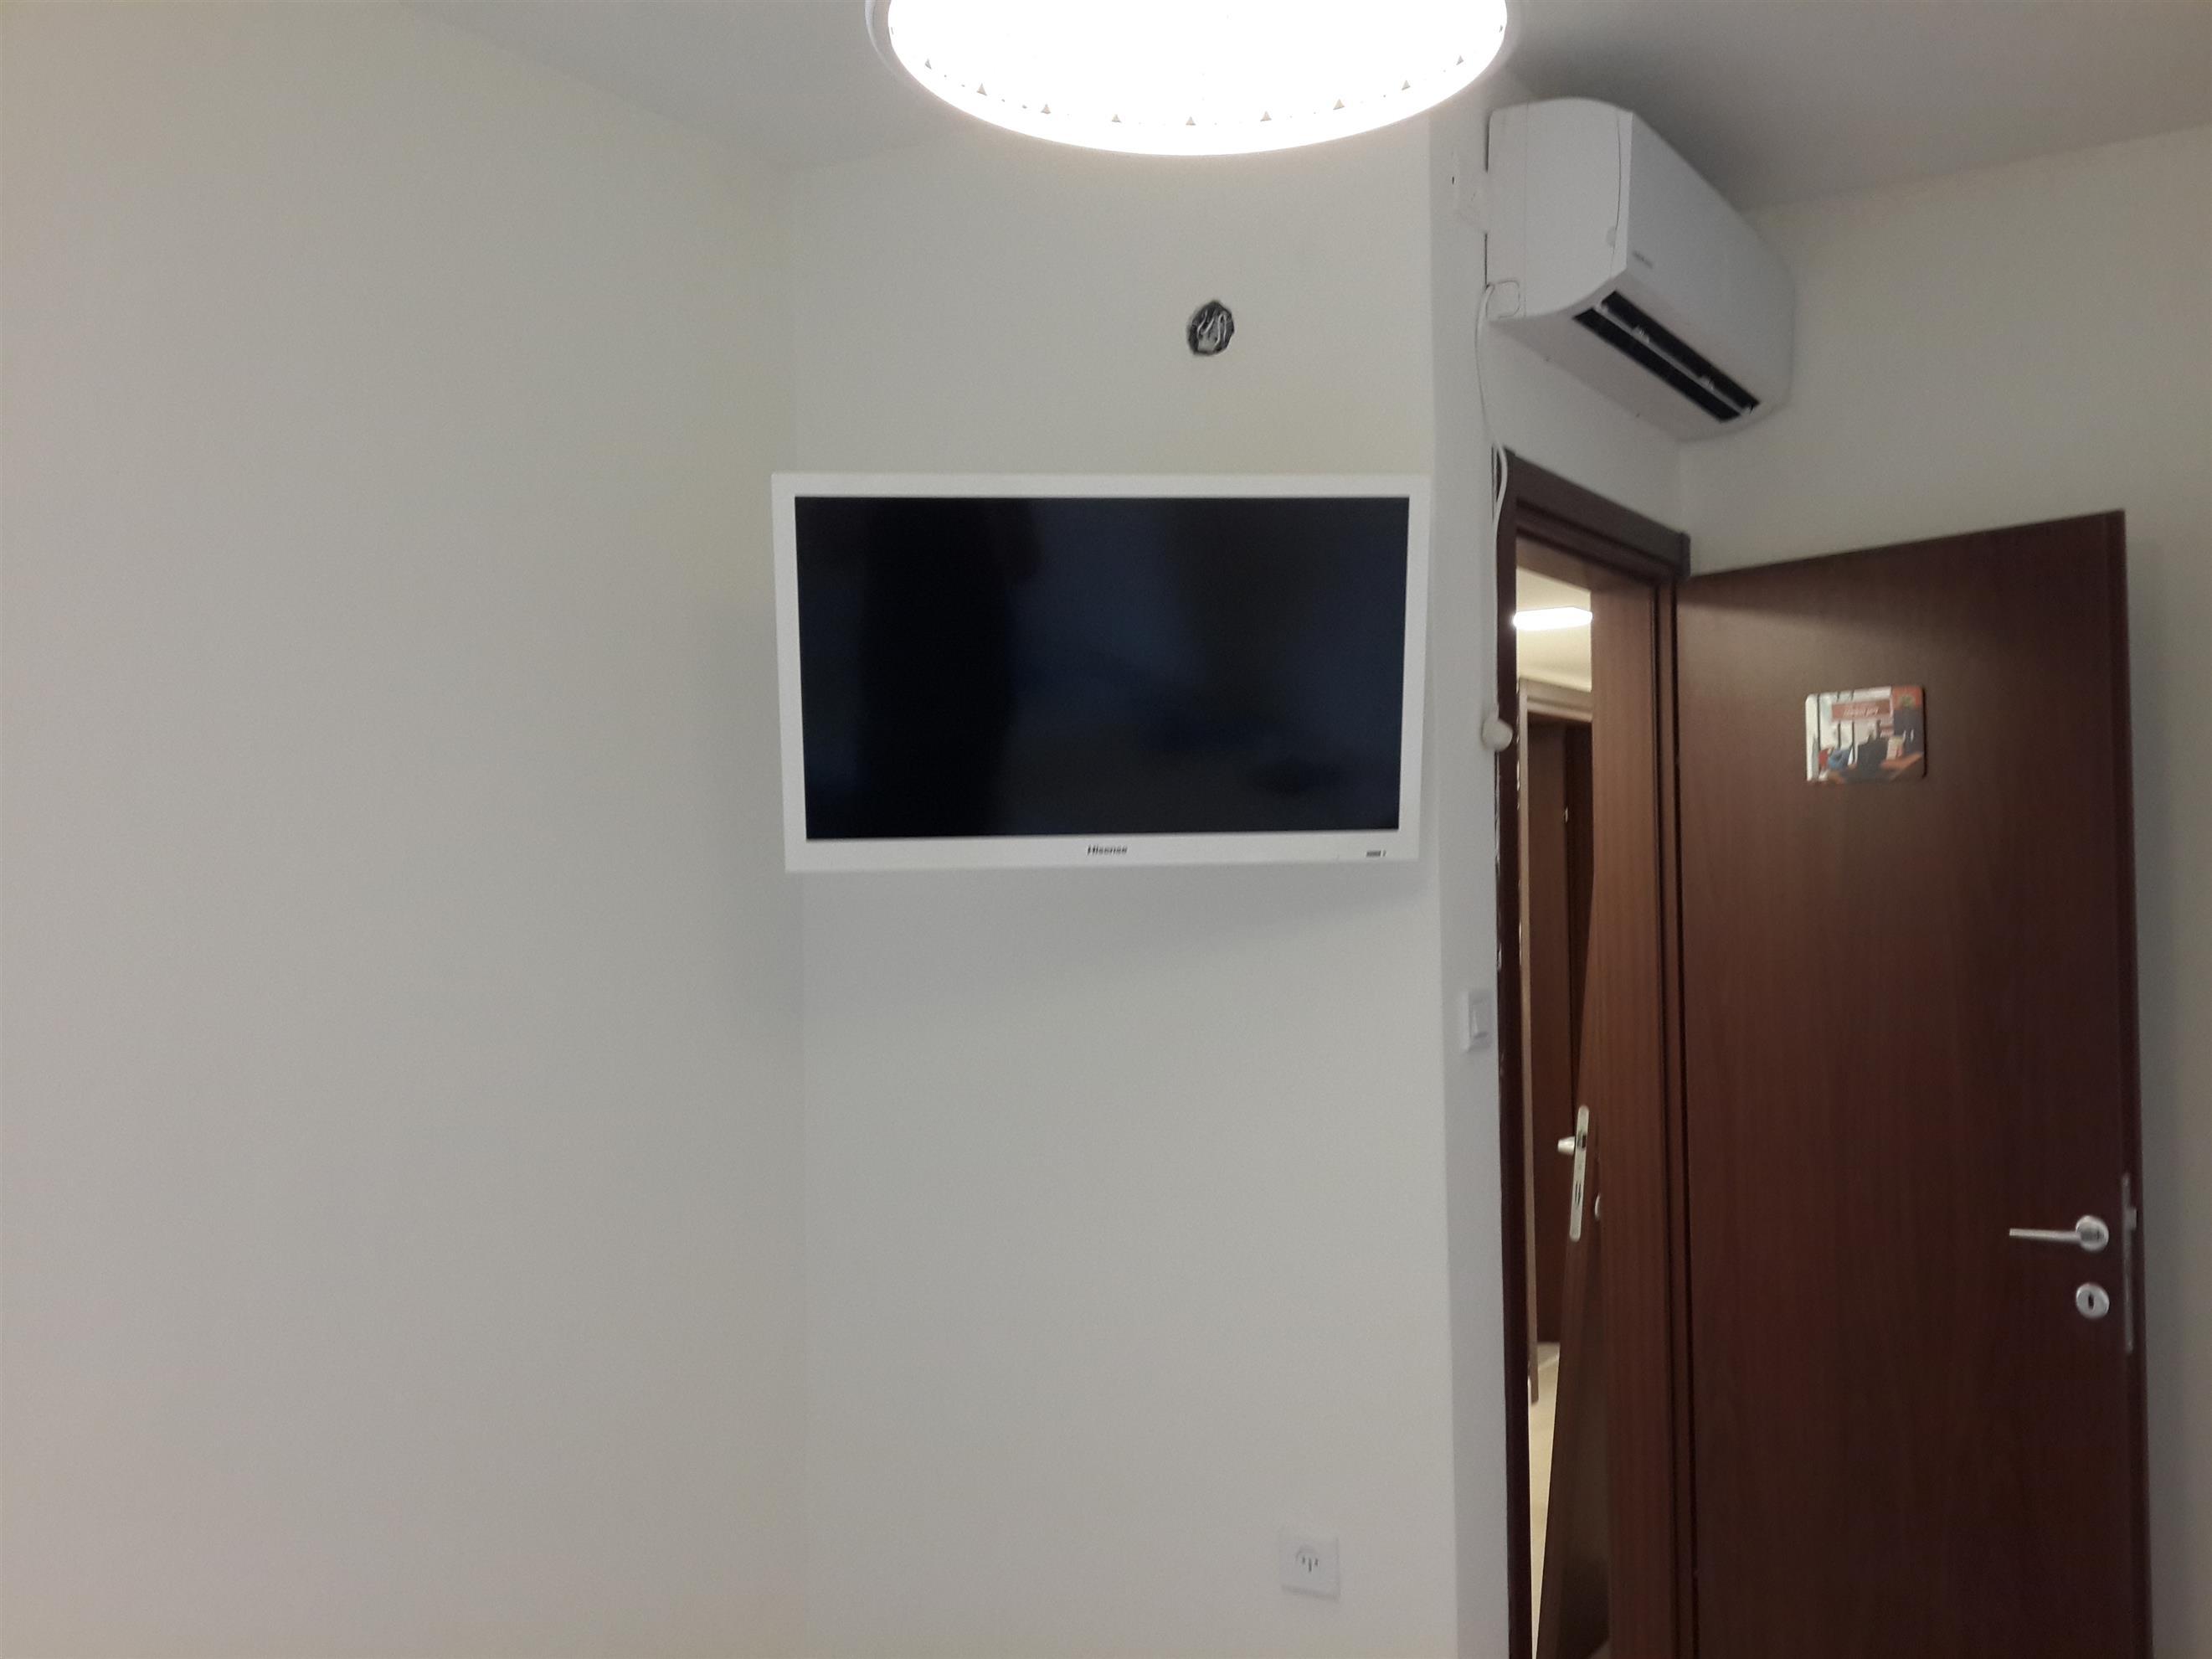 התקנת מסך בחדר